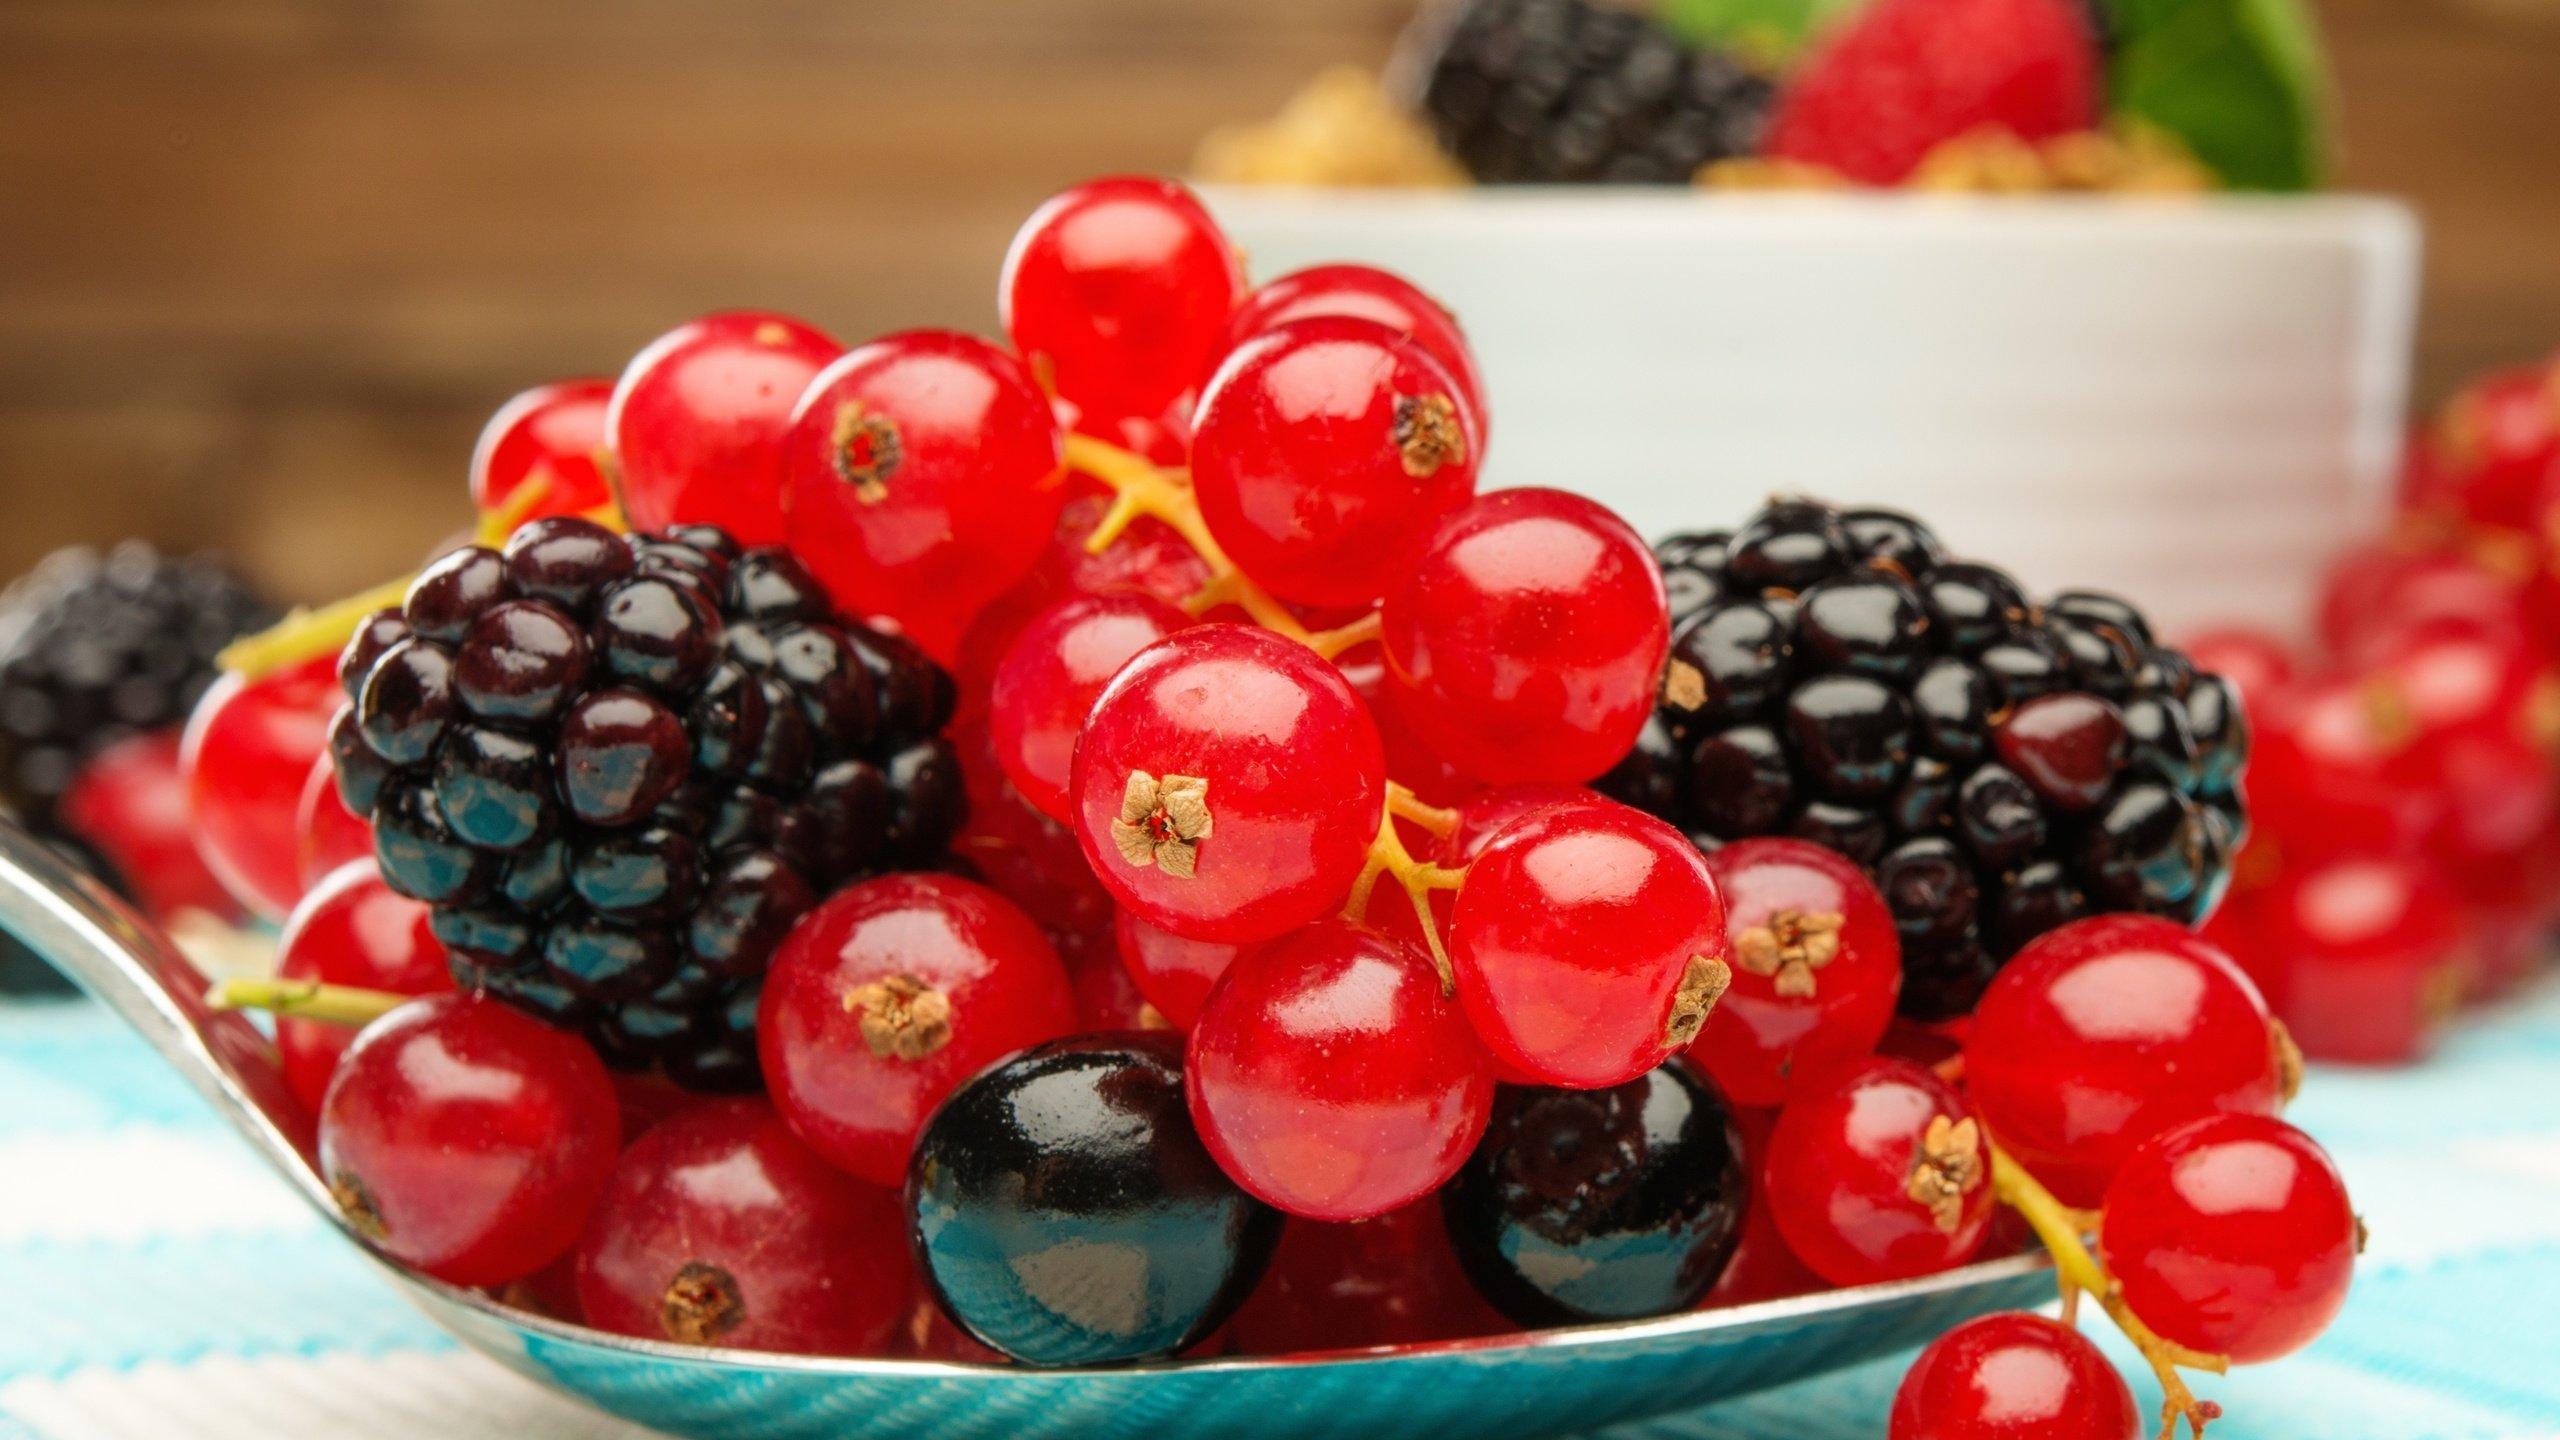 Лесные ягоды  № 2169750 бесплатно